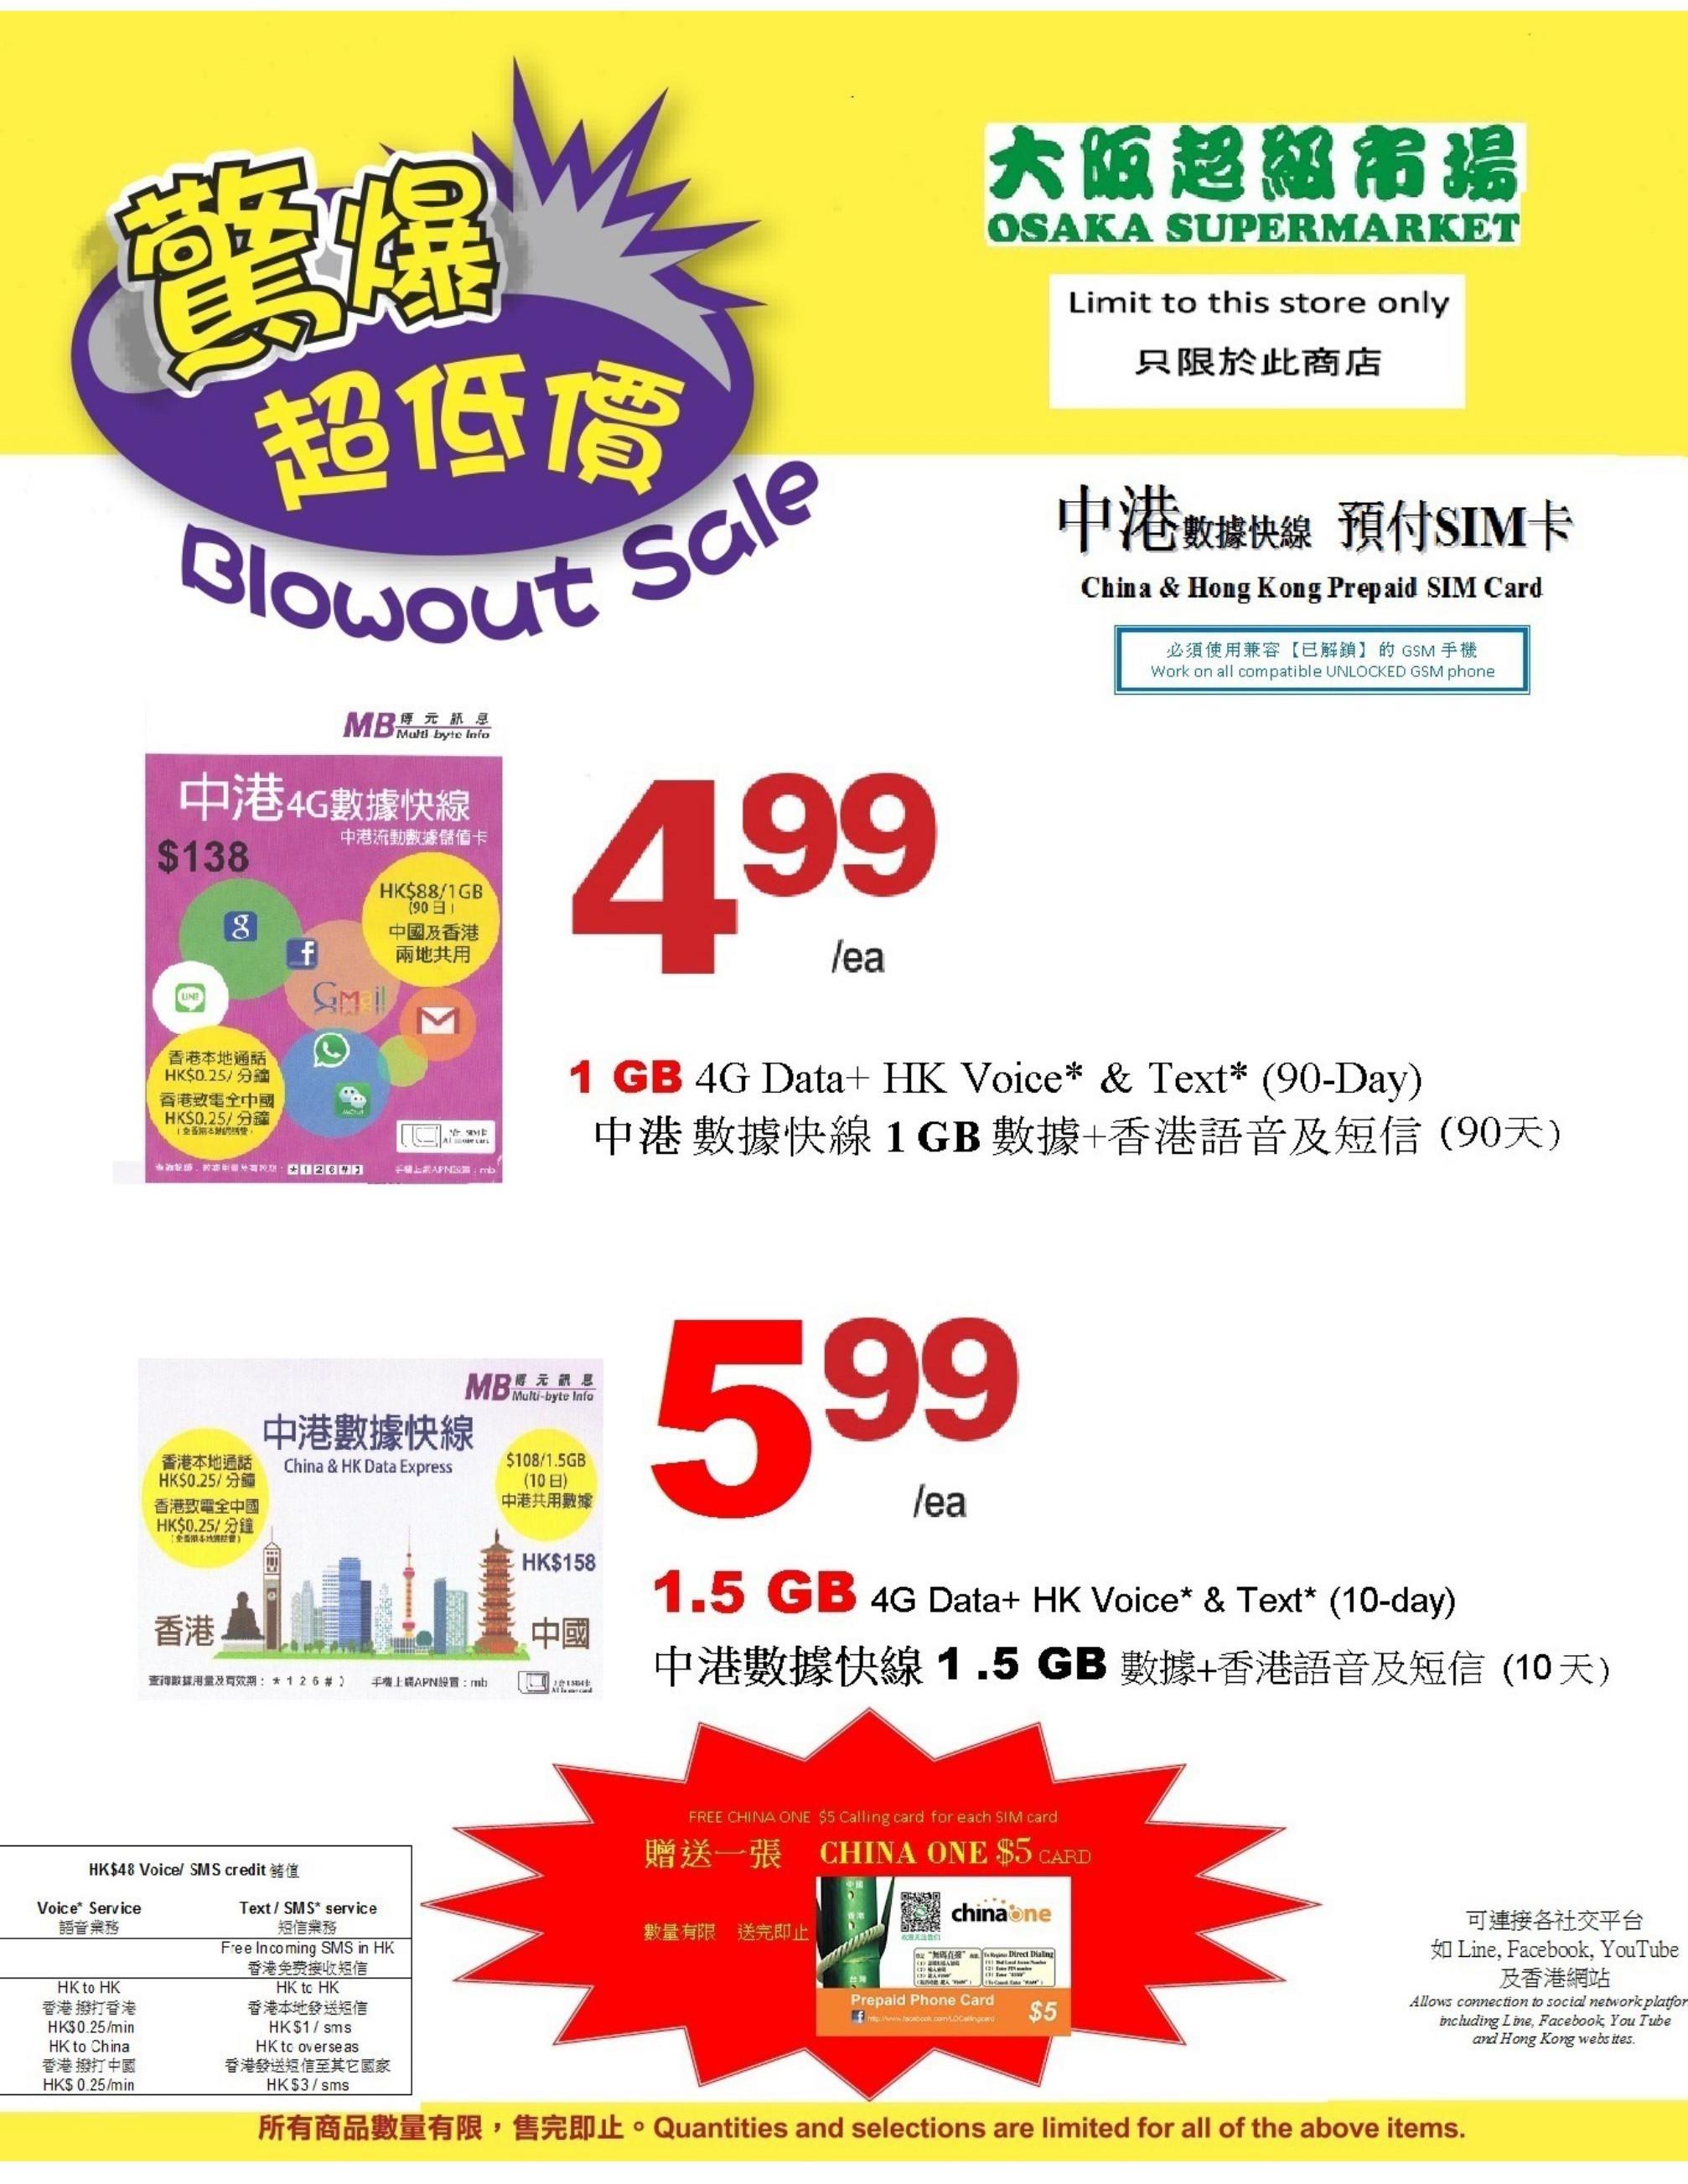 大阪超级市场:香港/中国手提电话Preloaded SIM CARD 1GB数据 + 通话(香港/中国共用) + 免费China One电话卡只需$4.99